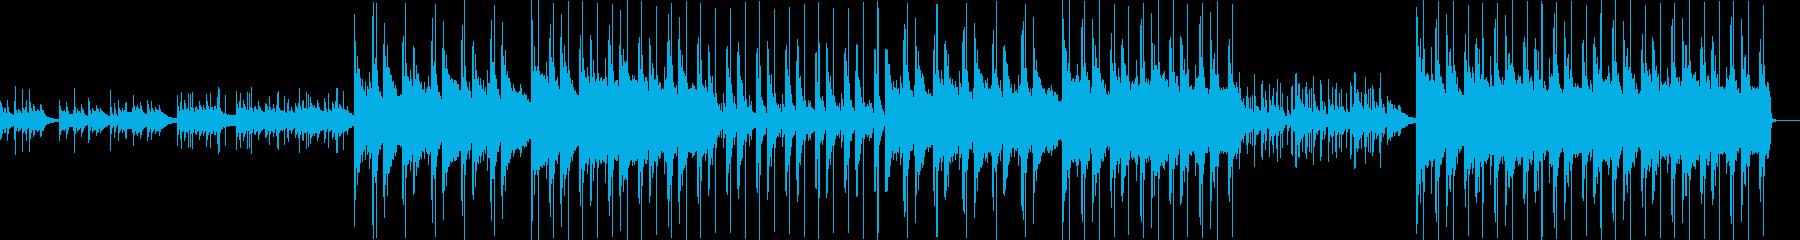 安らぎの美しく癒しの和風BGMの再生済みの波形